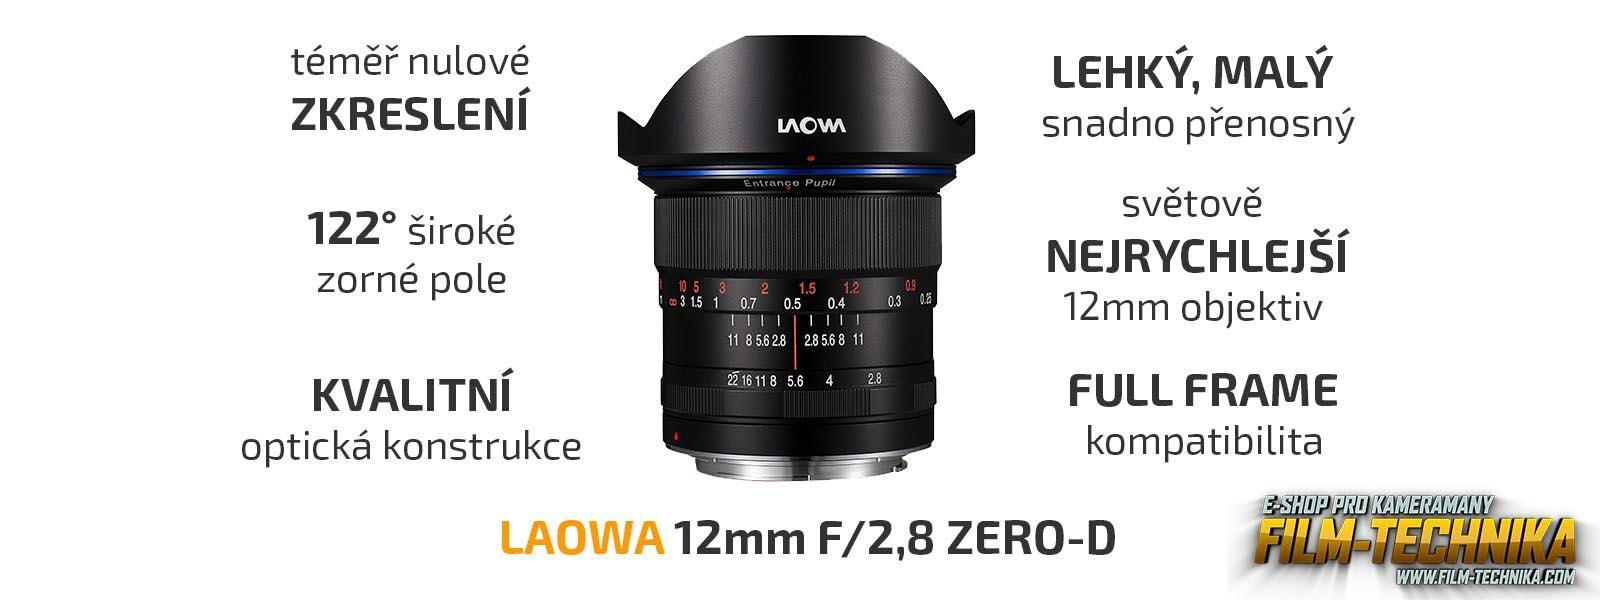 film-technika-laowa-12mm-03-intext